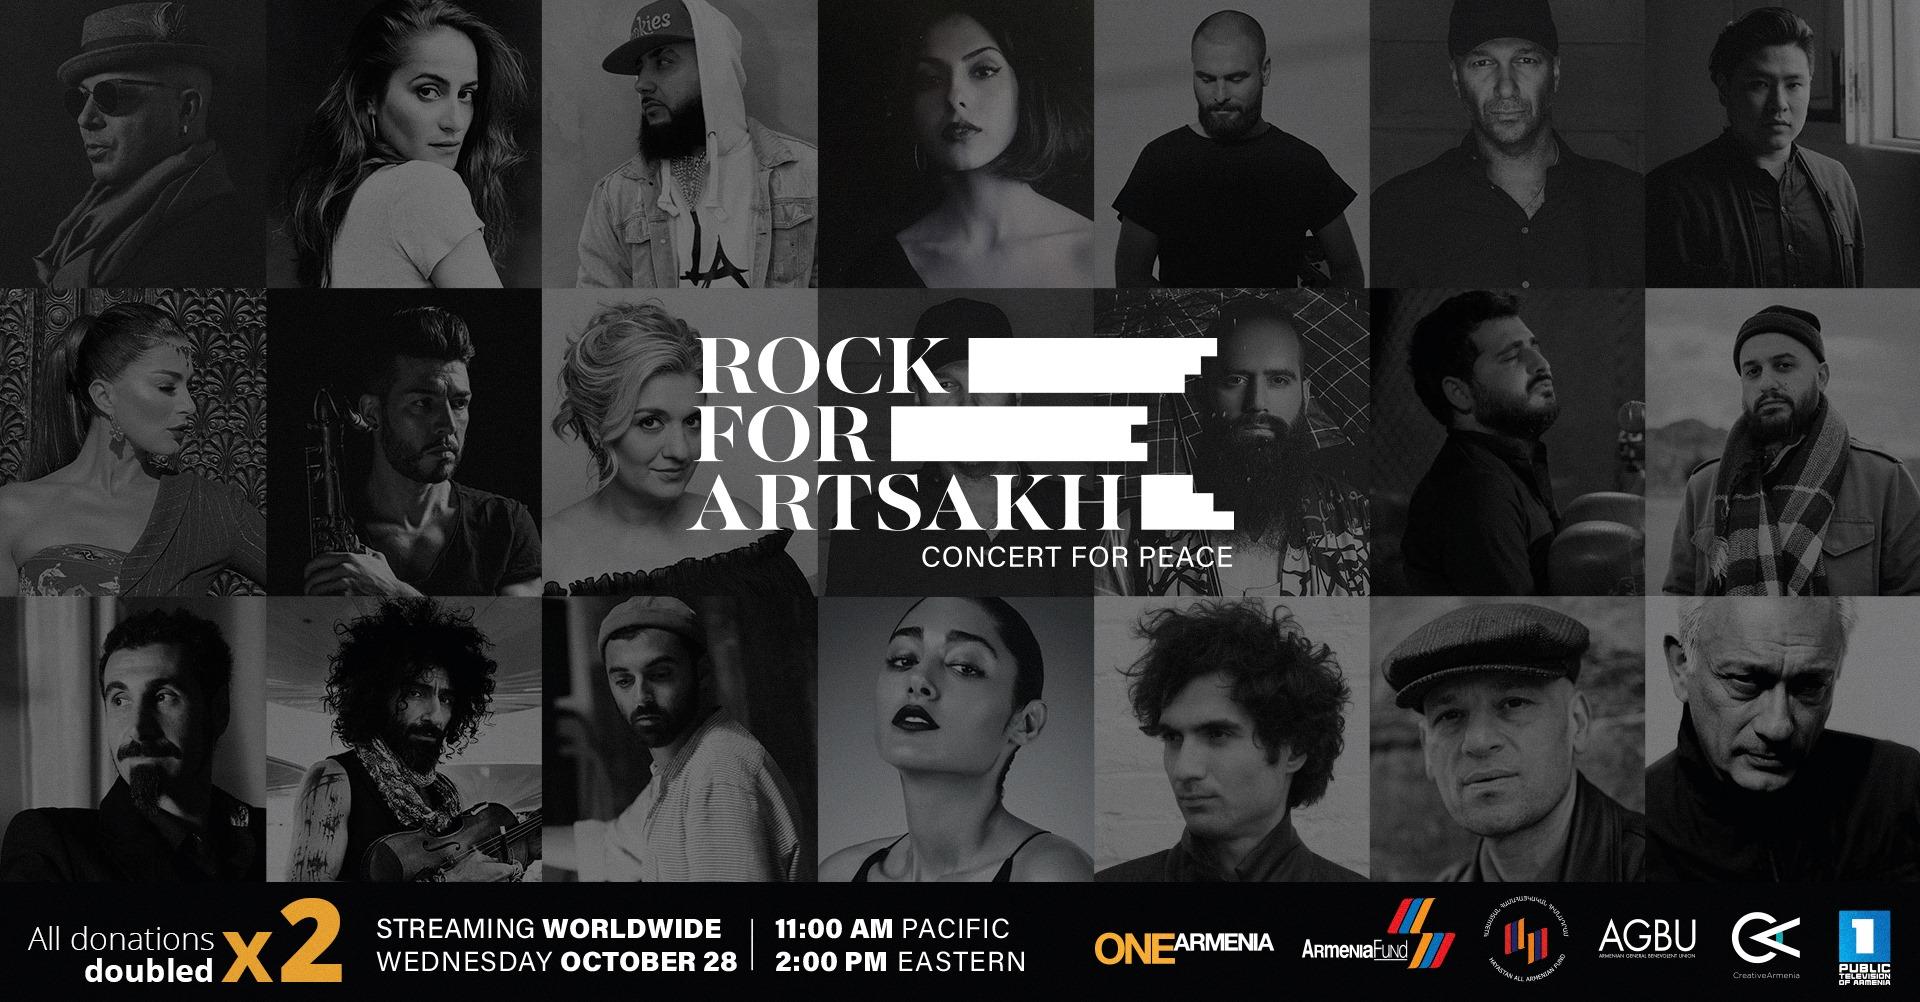 Artists for Artsakh: A Concert for Peace. Համերգ ուղիղ եթերում՝ Սերժ Թանգյանի, Տիգրան Համասյանի և այլոց մասնակցությամբ